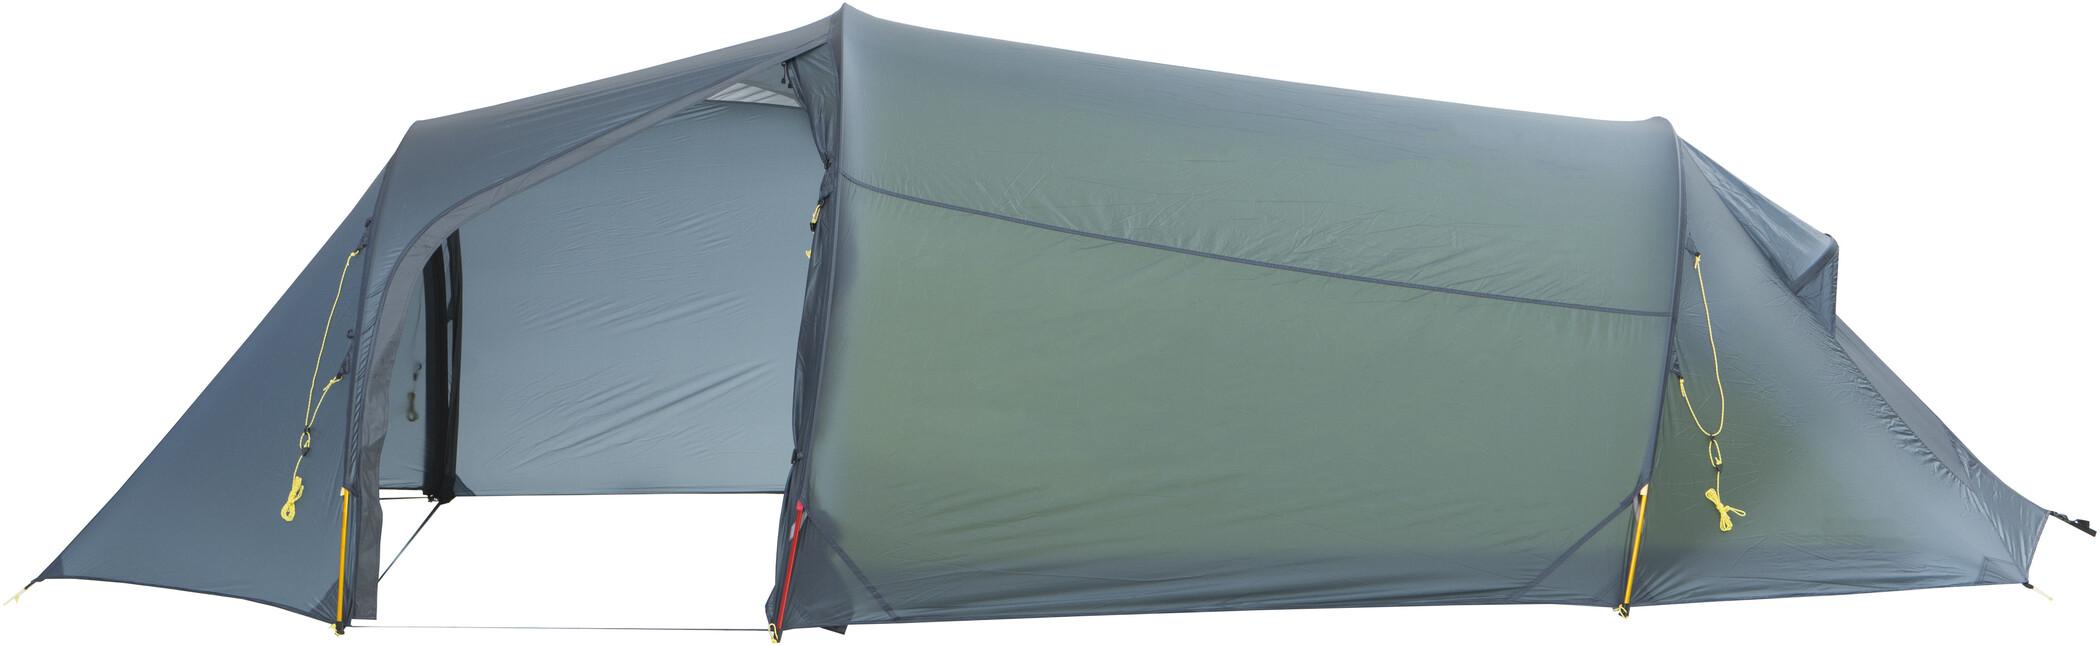 Köp Helsport Lofoten Superlight 2 Camp Utrustning Tälta